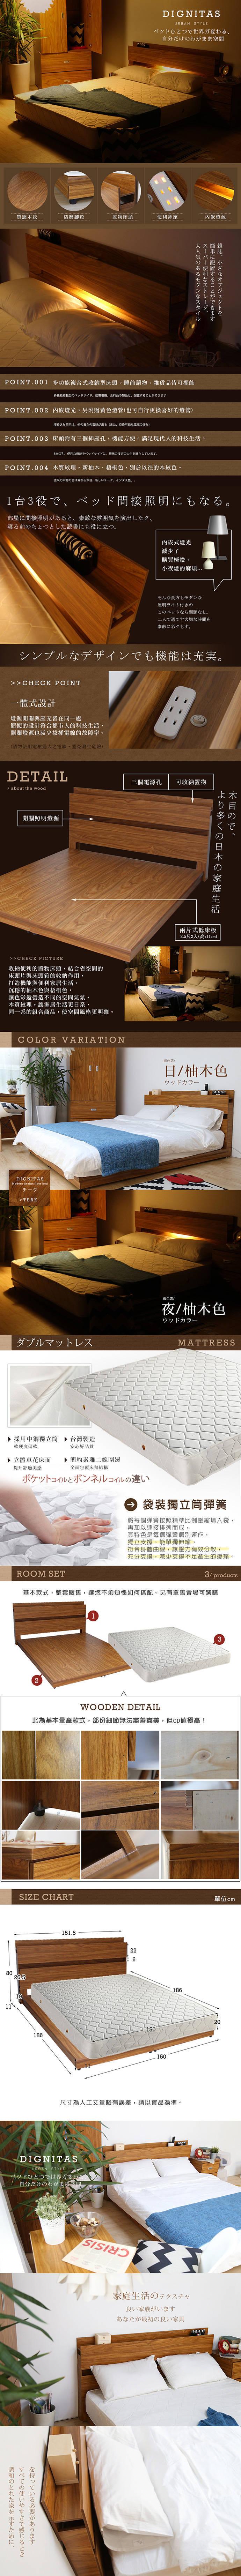 DIGNITAS狄尼塔斯柚木色5尺房間組-3件式床頭 床底 床墊(CF1) 《促銷品》